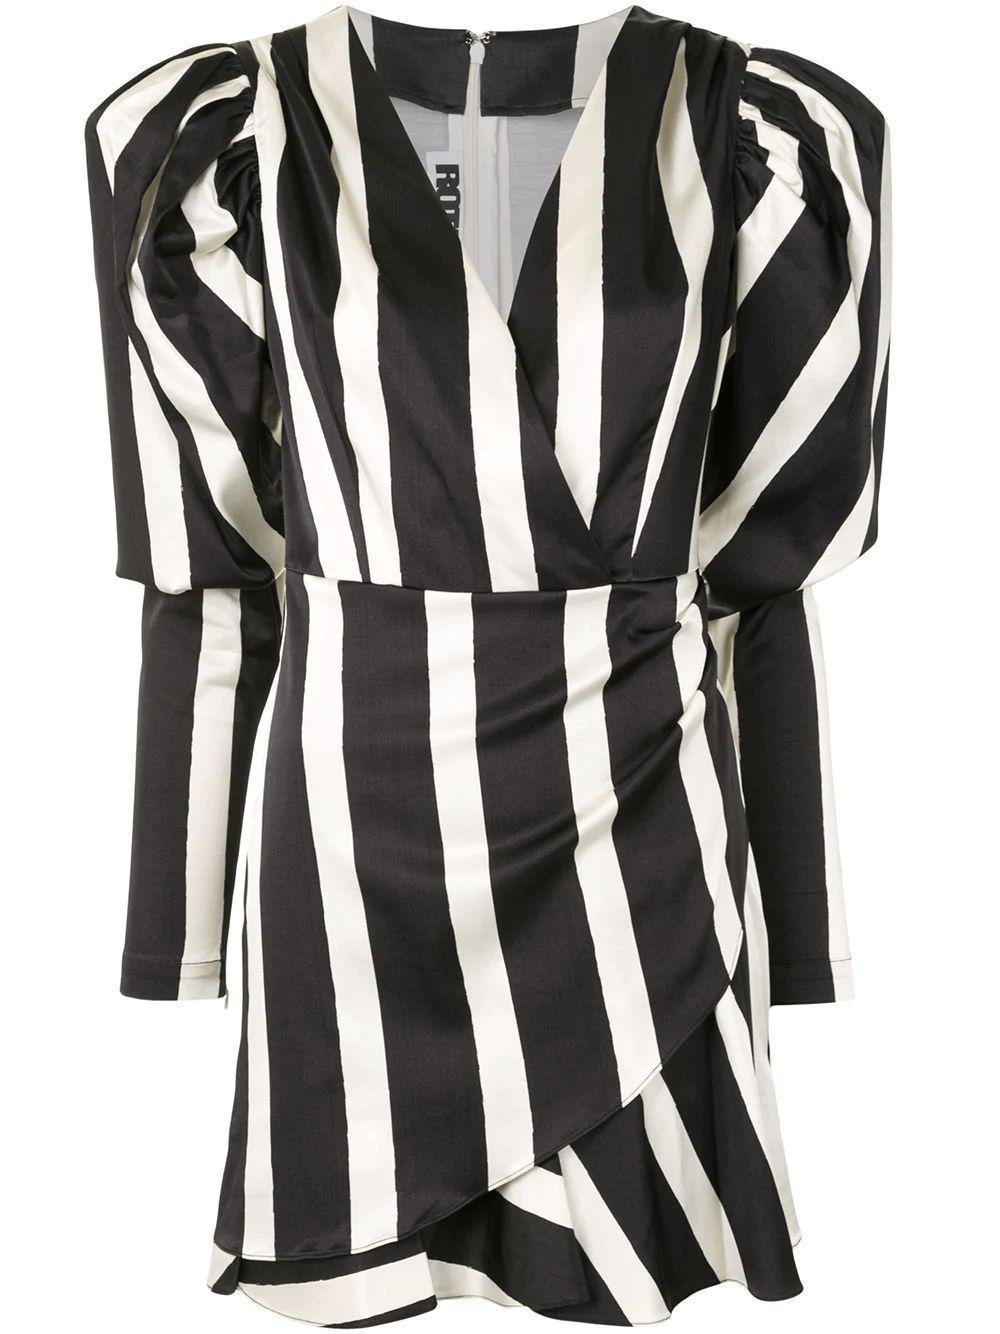 Aiken Striped Dress